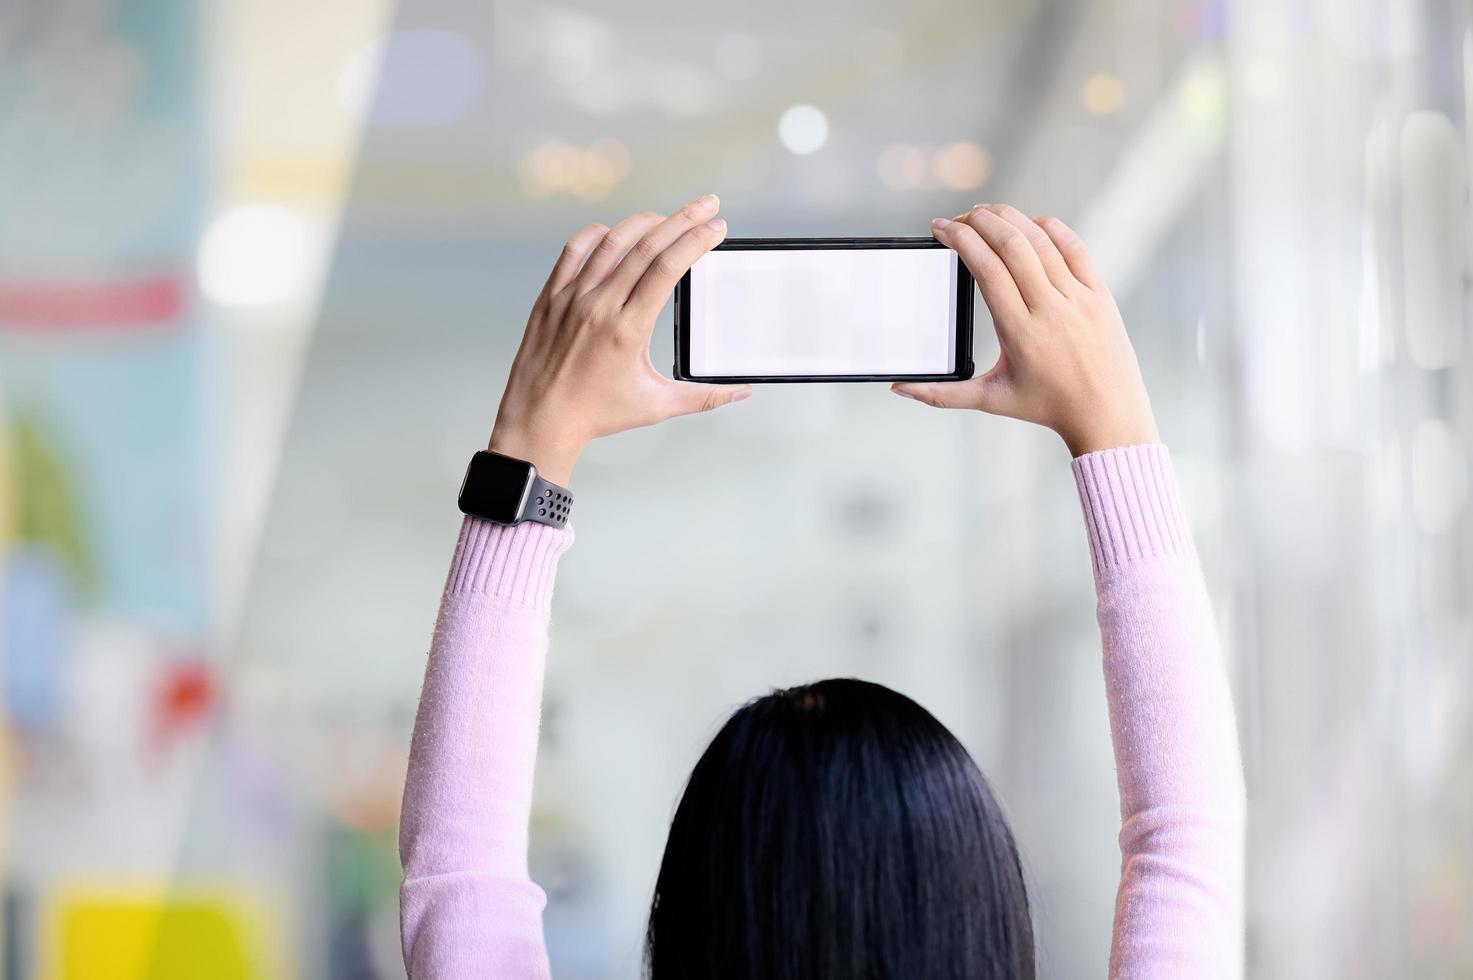 mano femenina sosteniendo teléfono inteligente foto